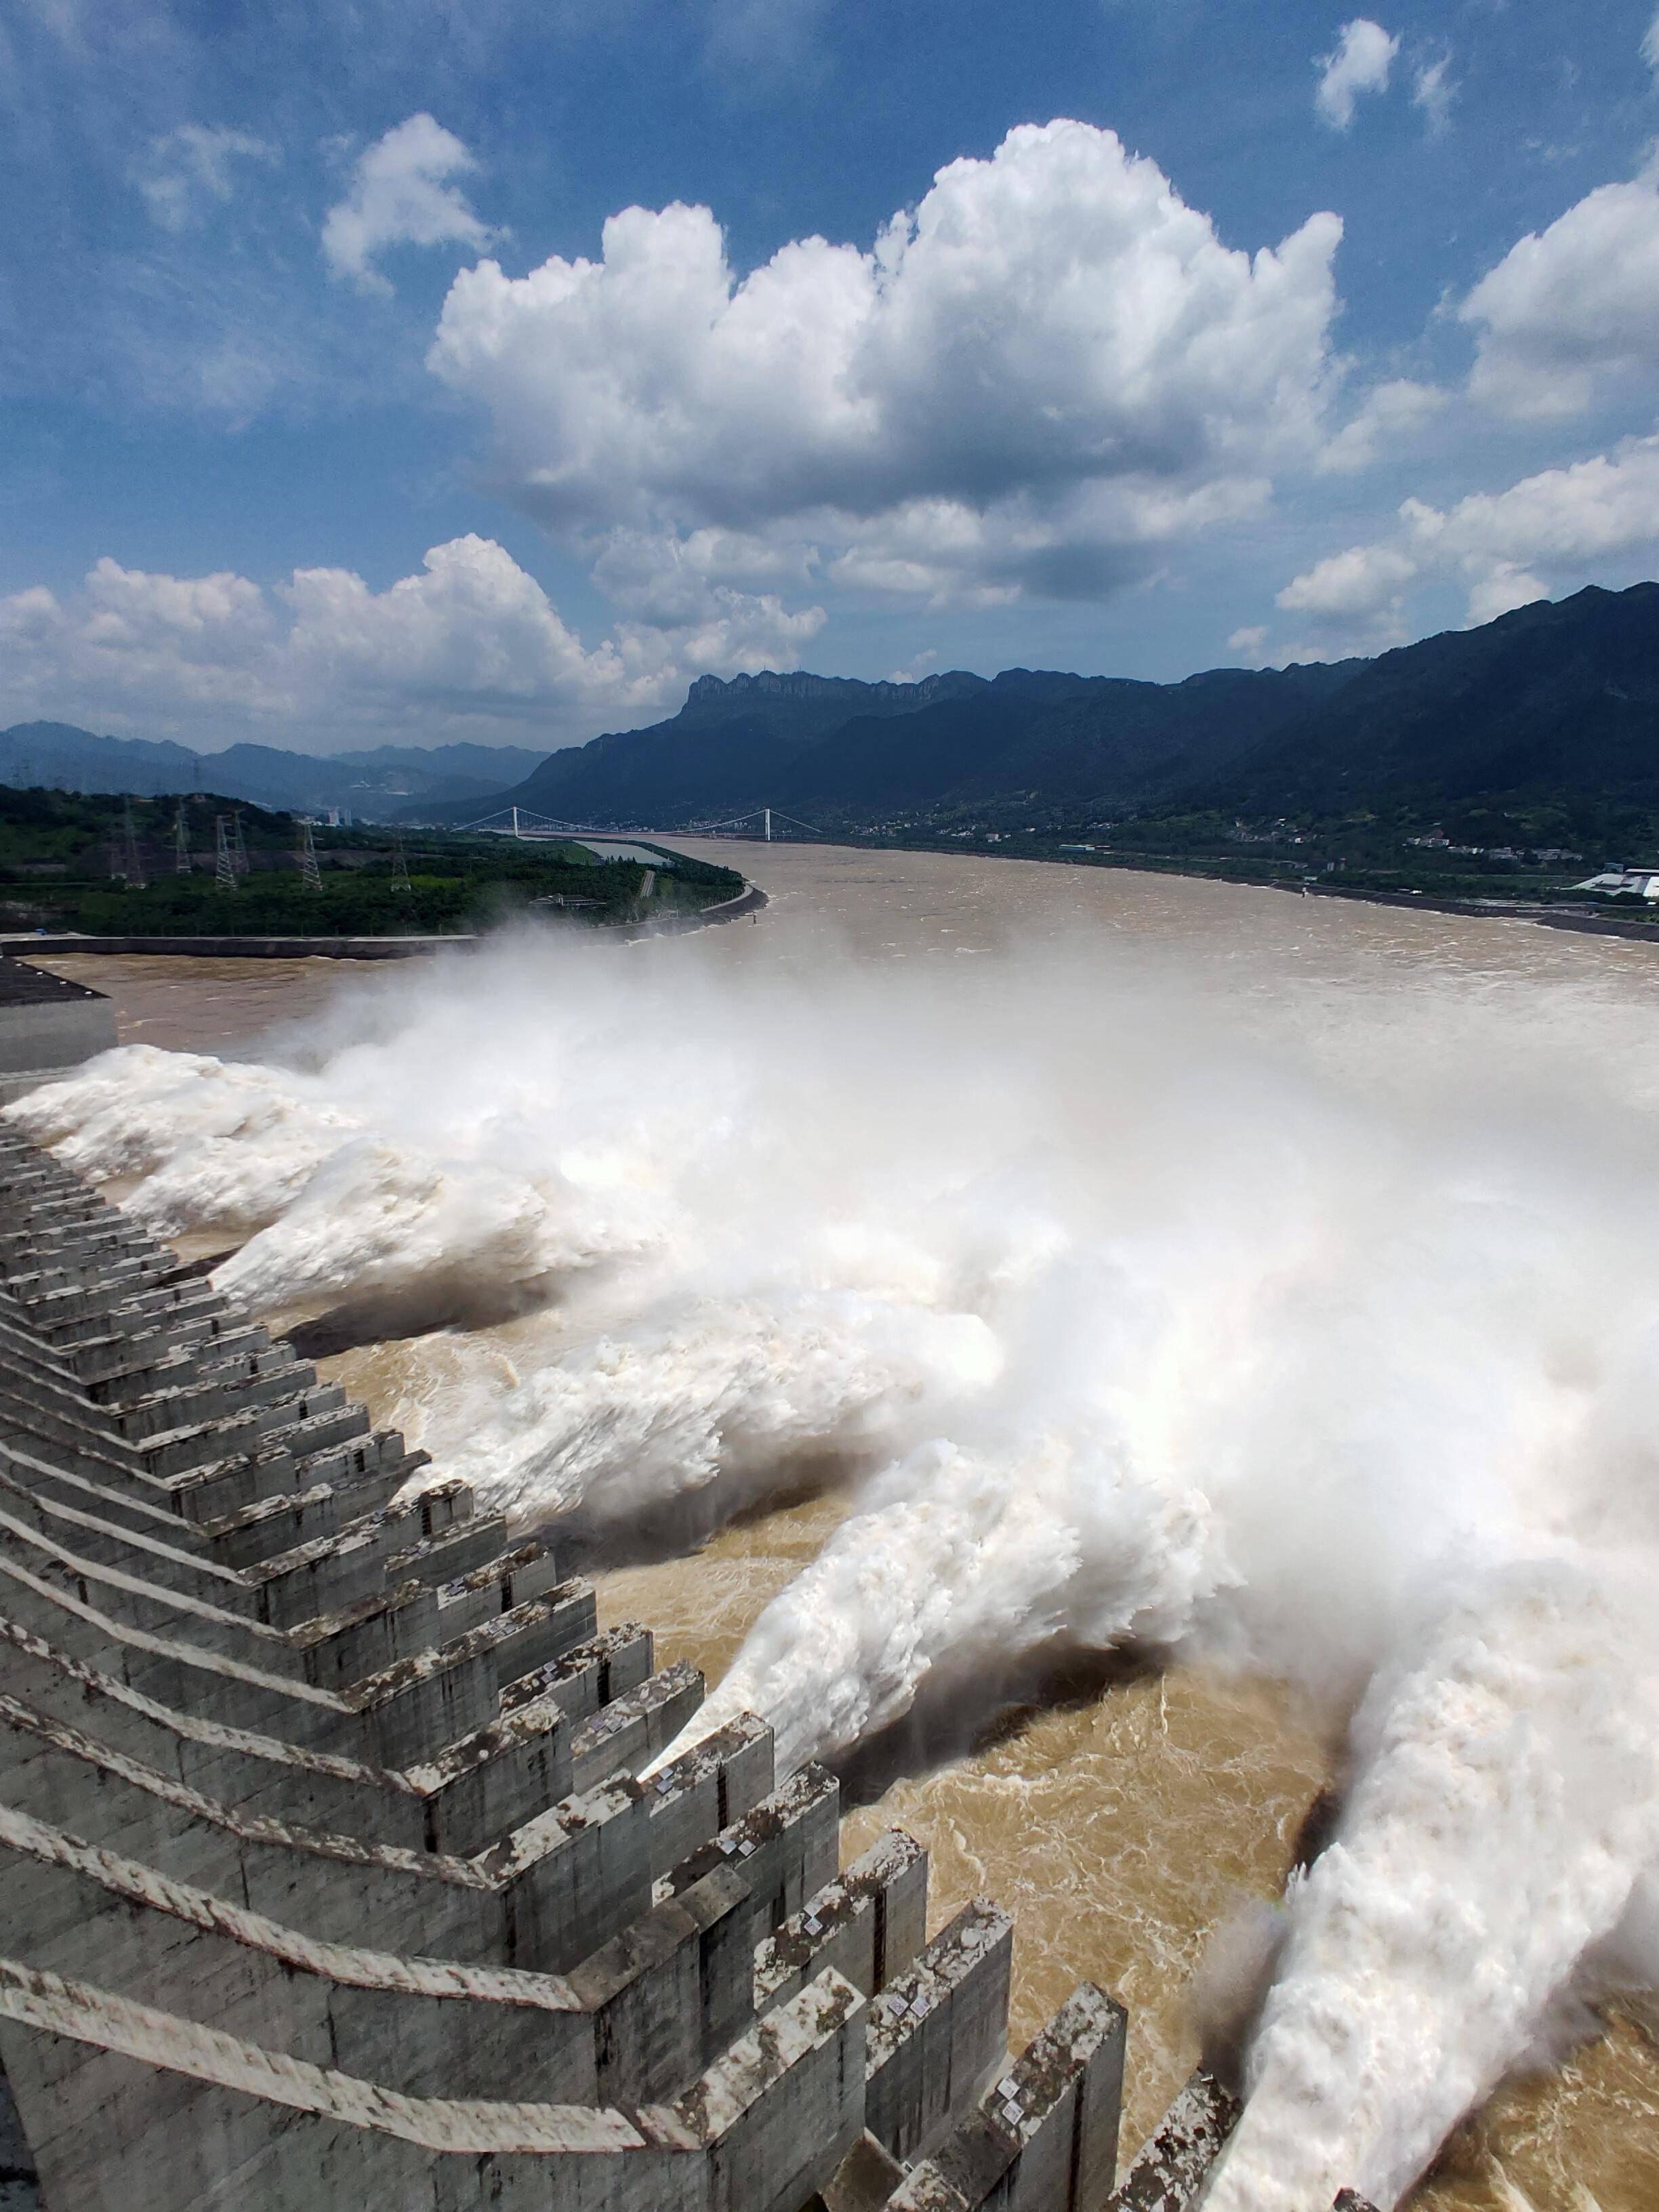 三峡水利工程的主要功能是_长江水利长江工程建设局_四川水利职业技术学院管理工程系在哪个校区